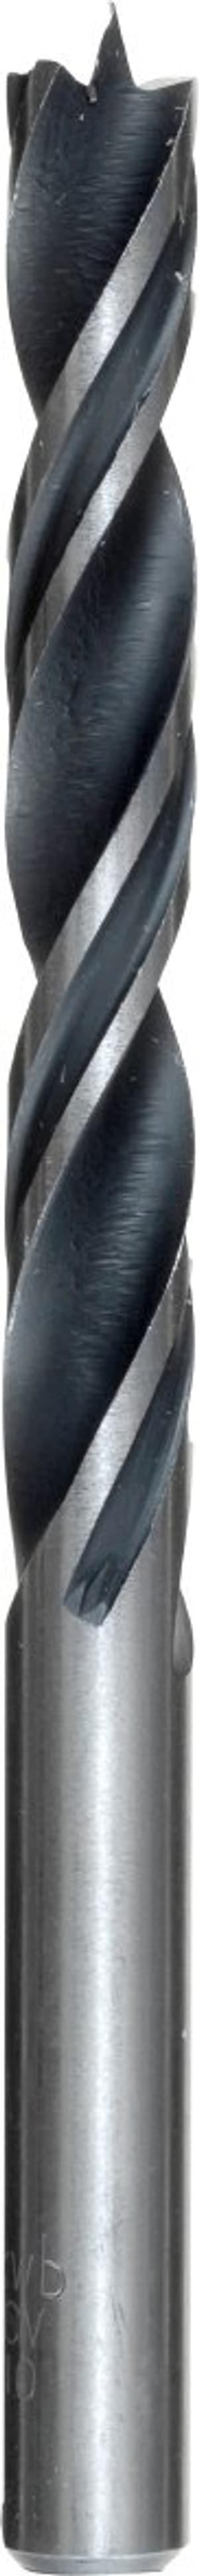 Spiralbohrer, ø 12 mm